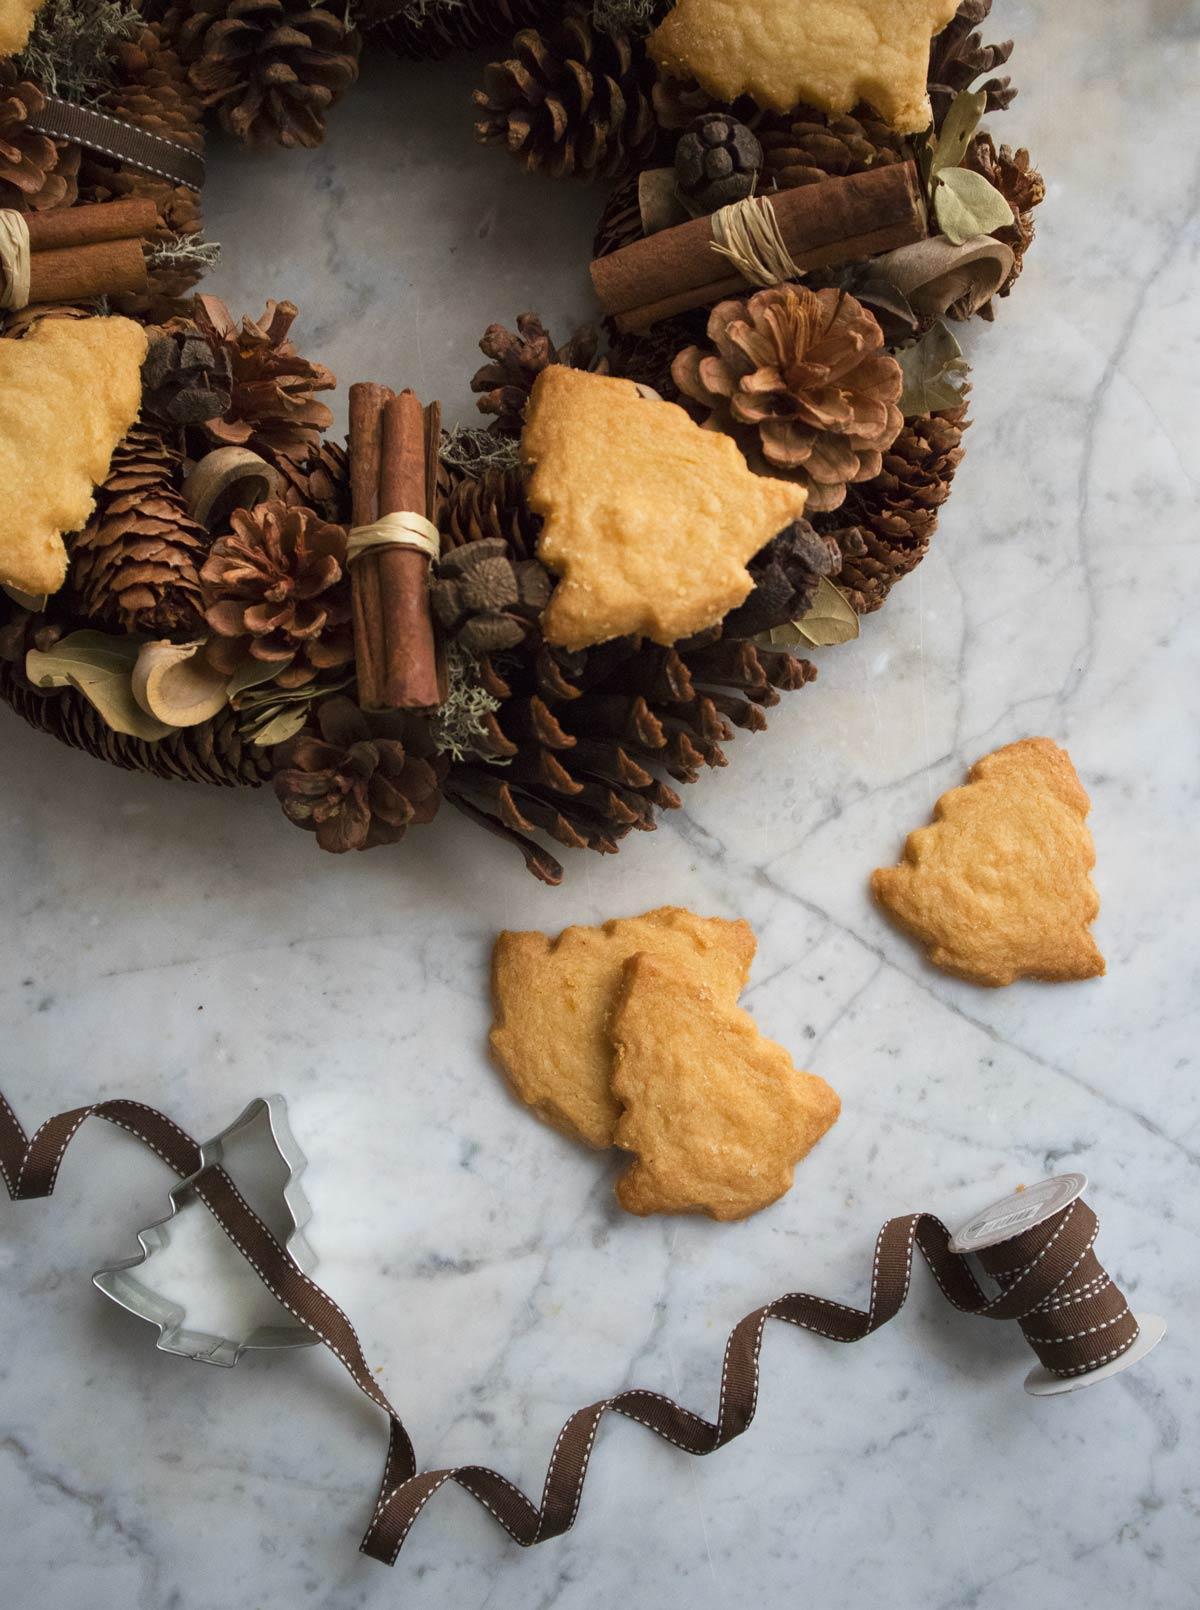 Biscotti di Natale - Shortbread